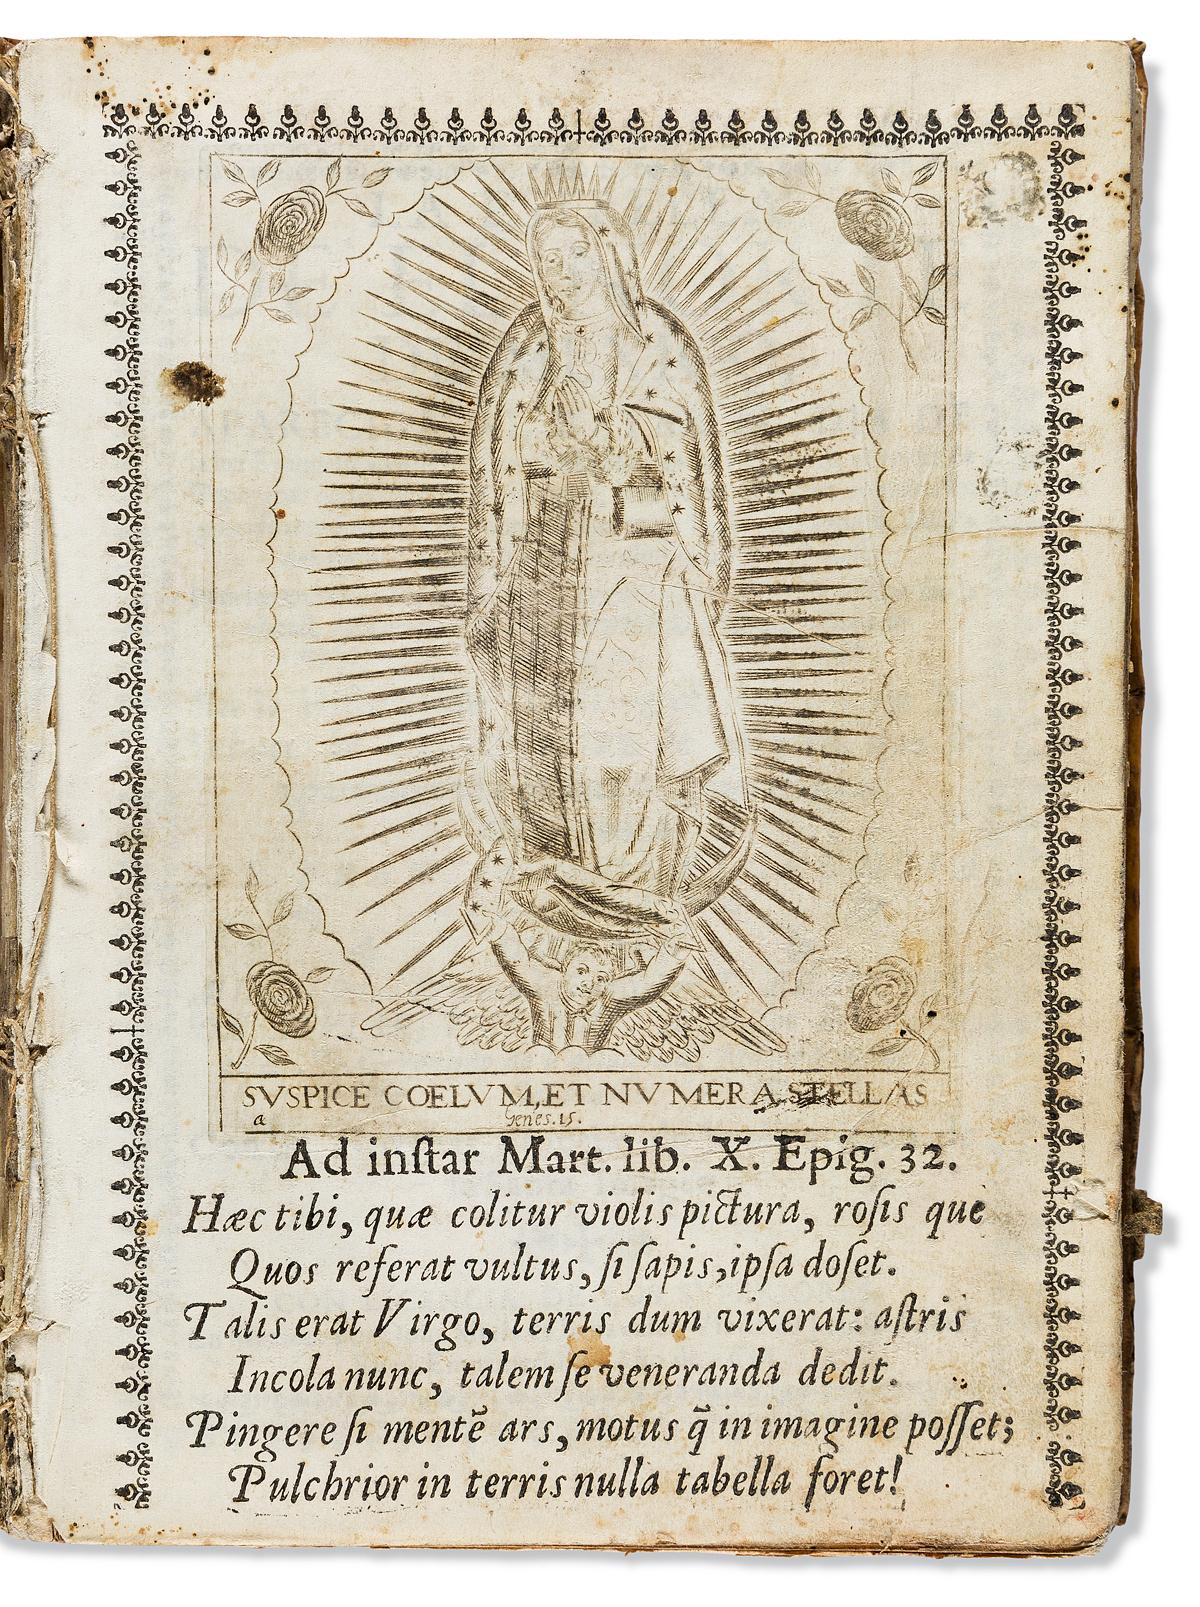 (MEXICAN IMPRINT--1688.) Francisco de Florencia. La estrella de el norte de Mexico.